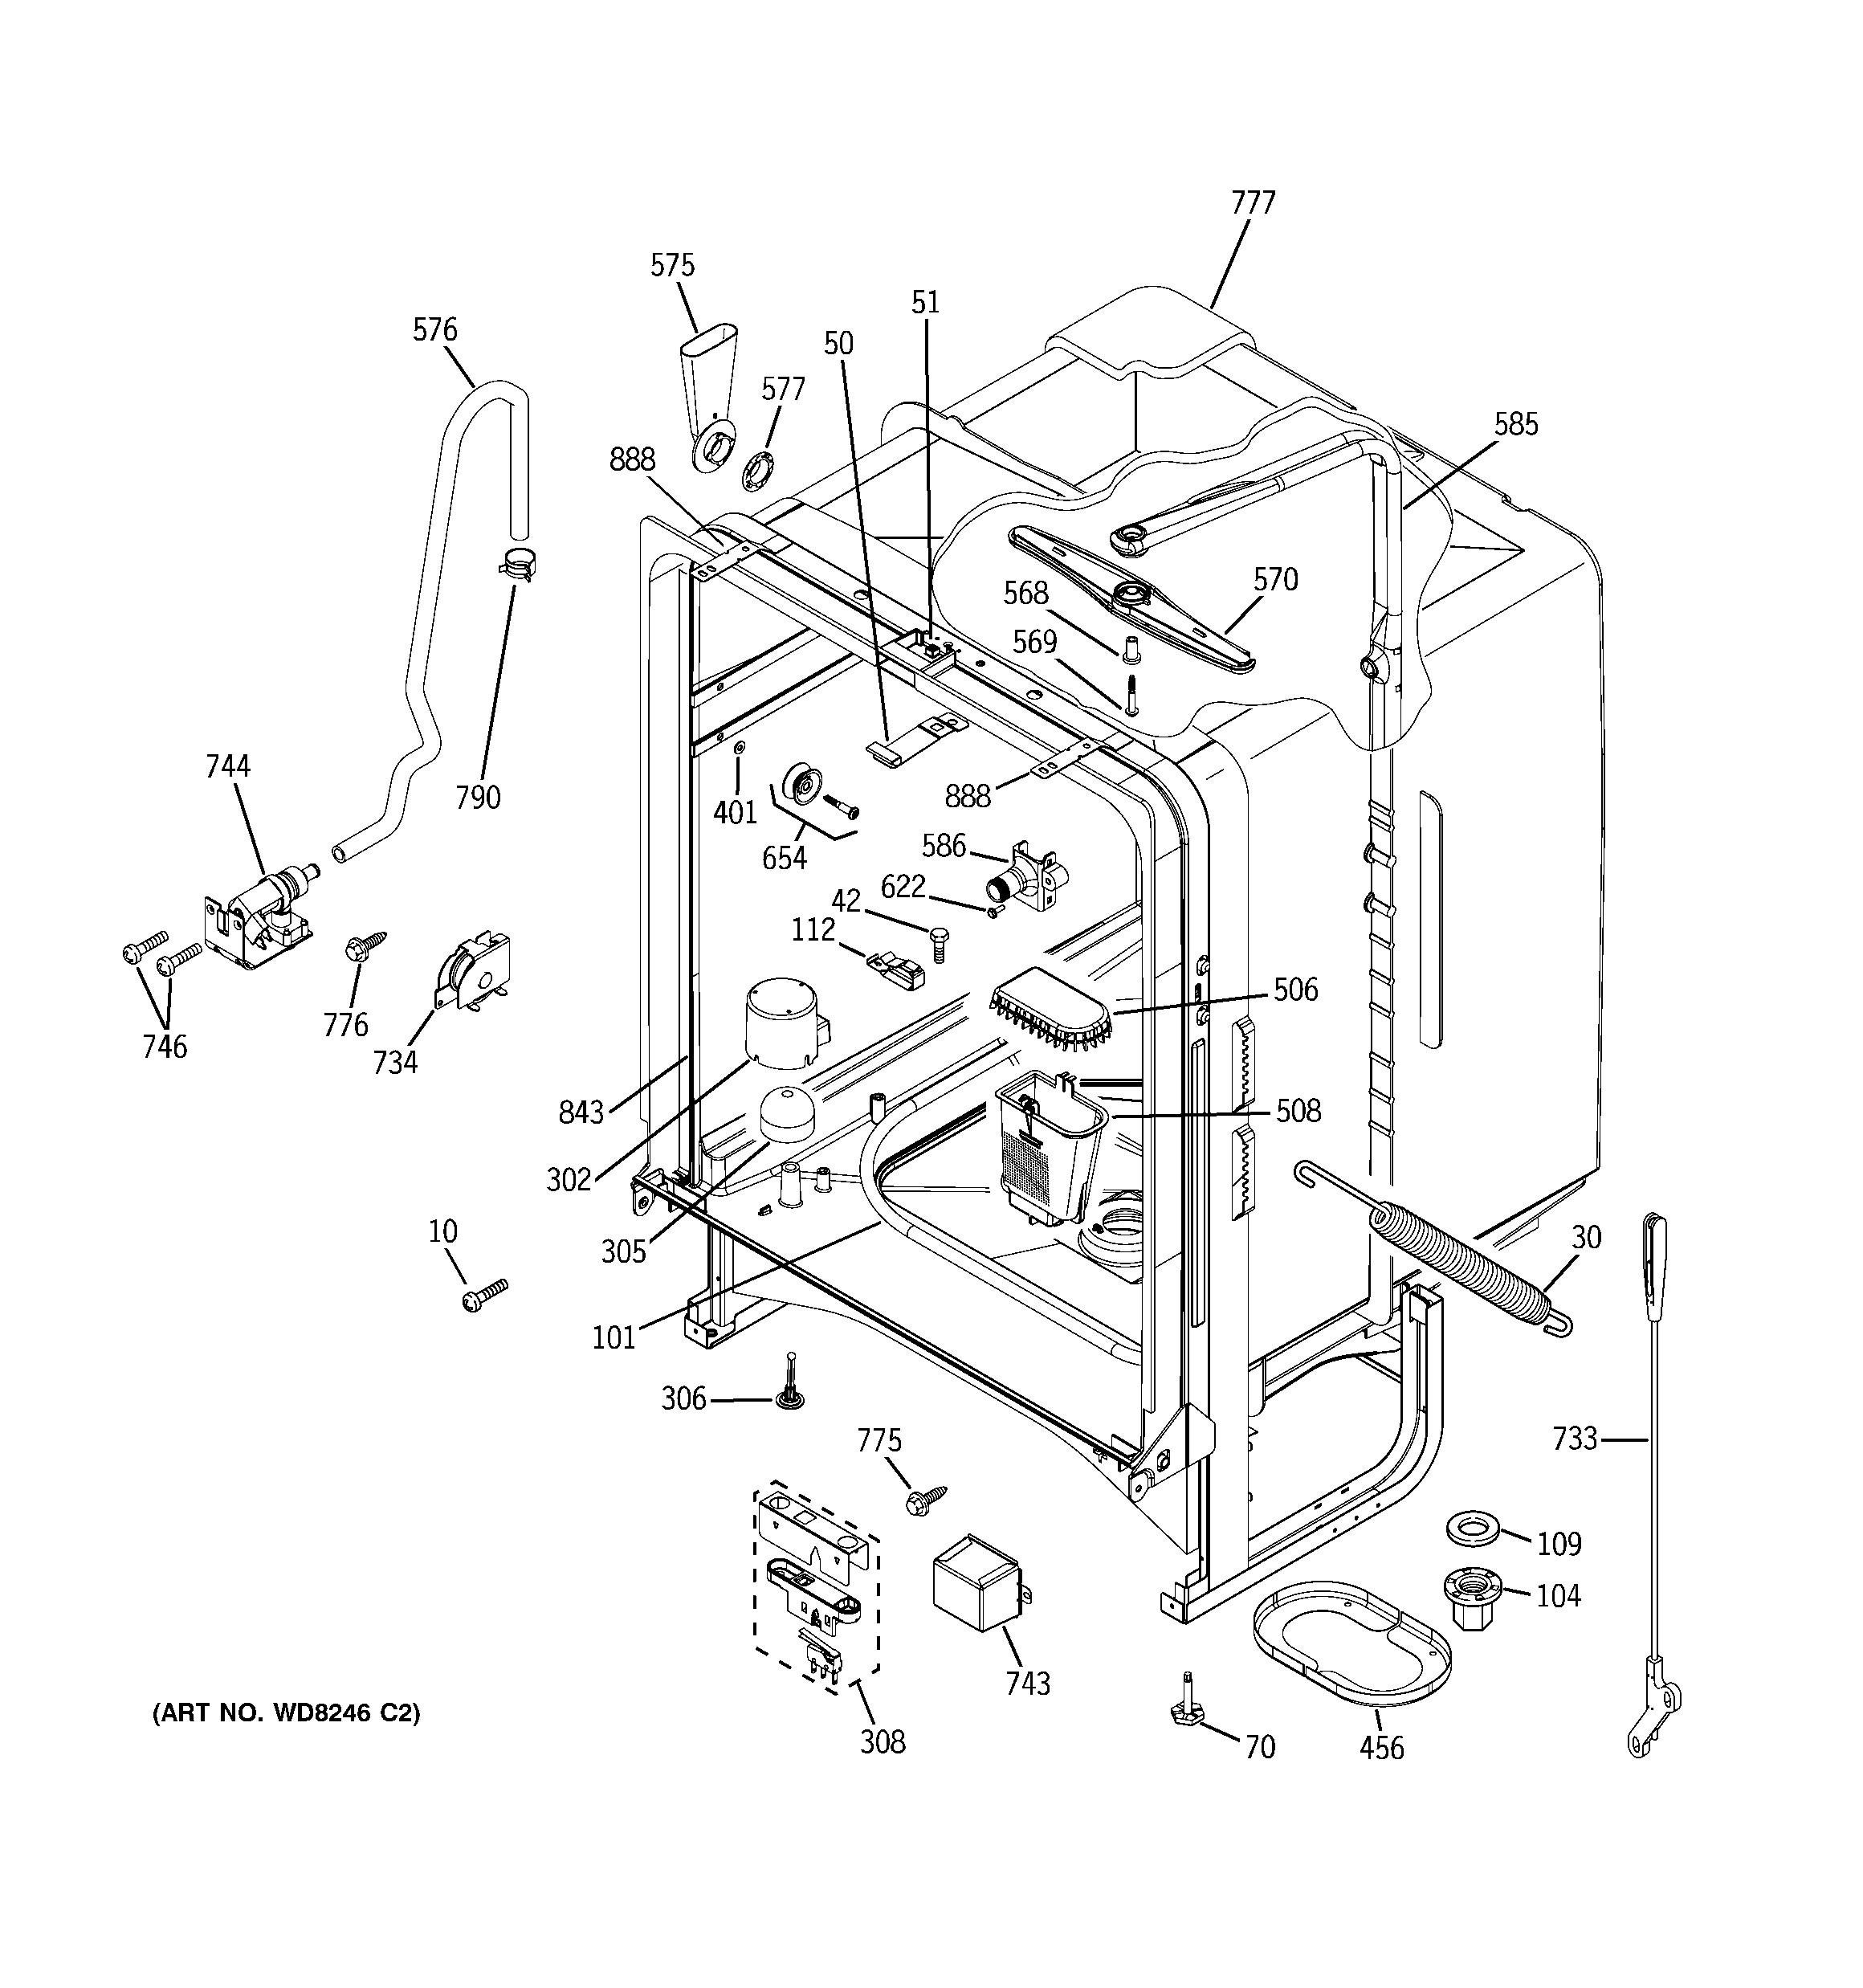 Wiring Diagram Ge Nautilus Dishwasher - Wiring Diagram M2 on